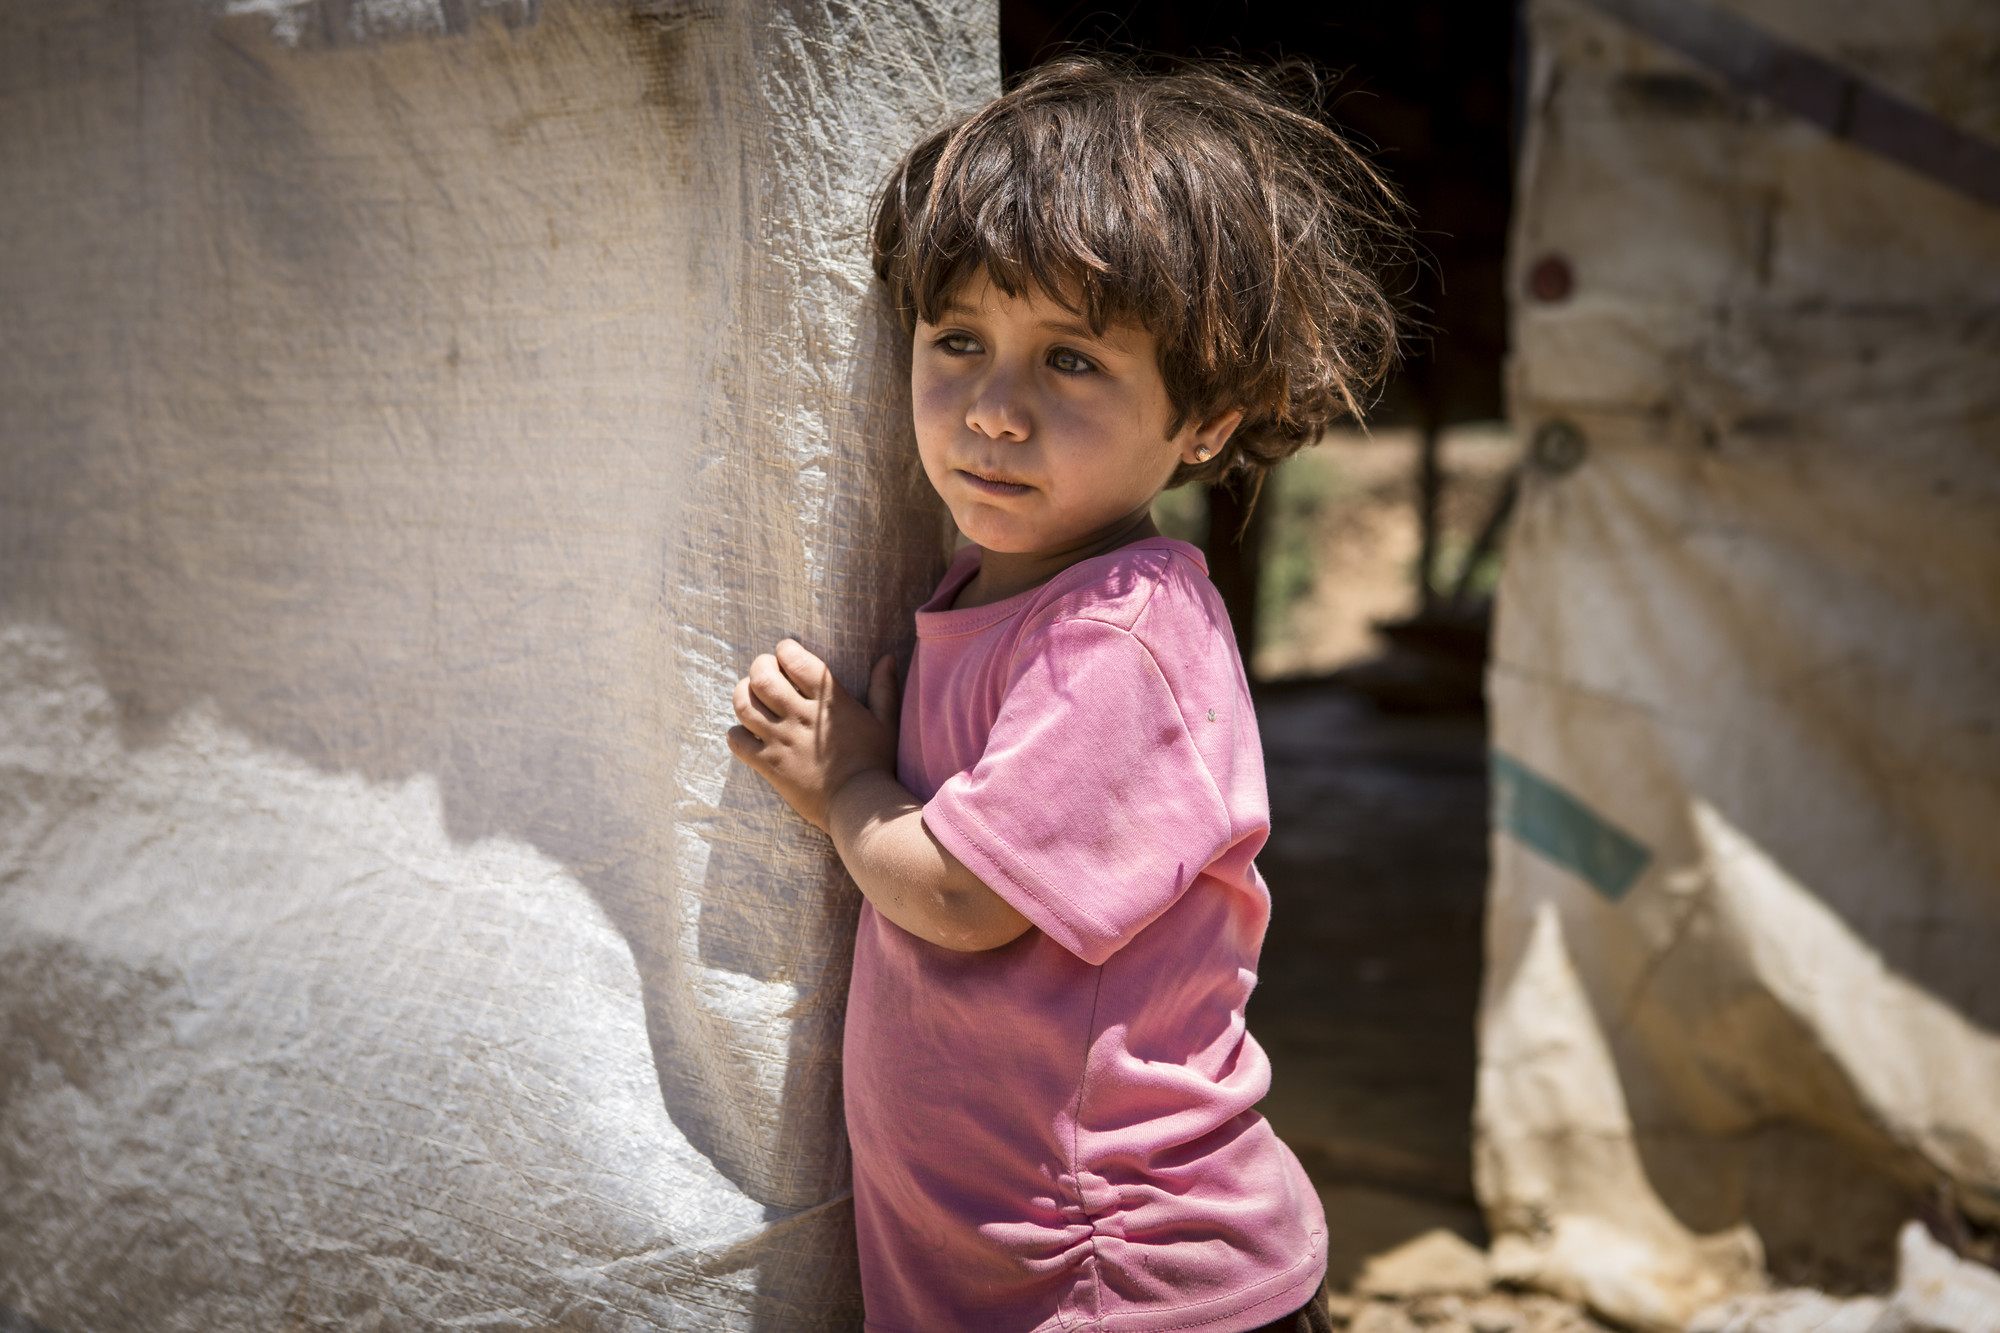 Siria save the children almeno 2 milioni di bambini combattono ogni giorno una guerra - Save the children press office ...